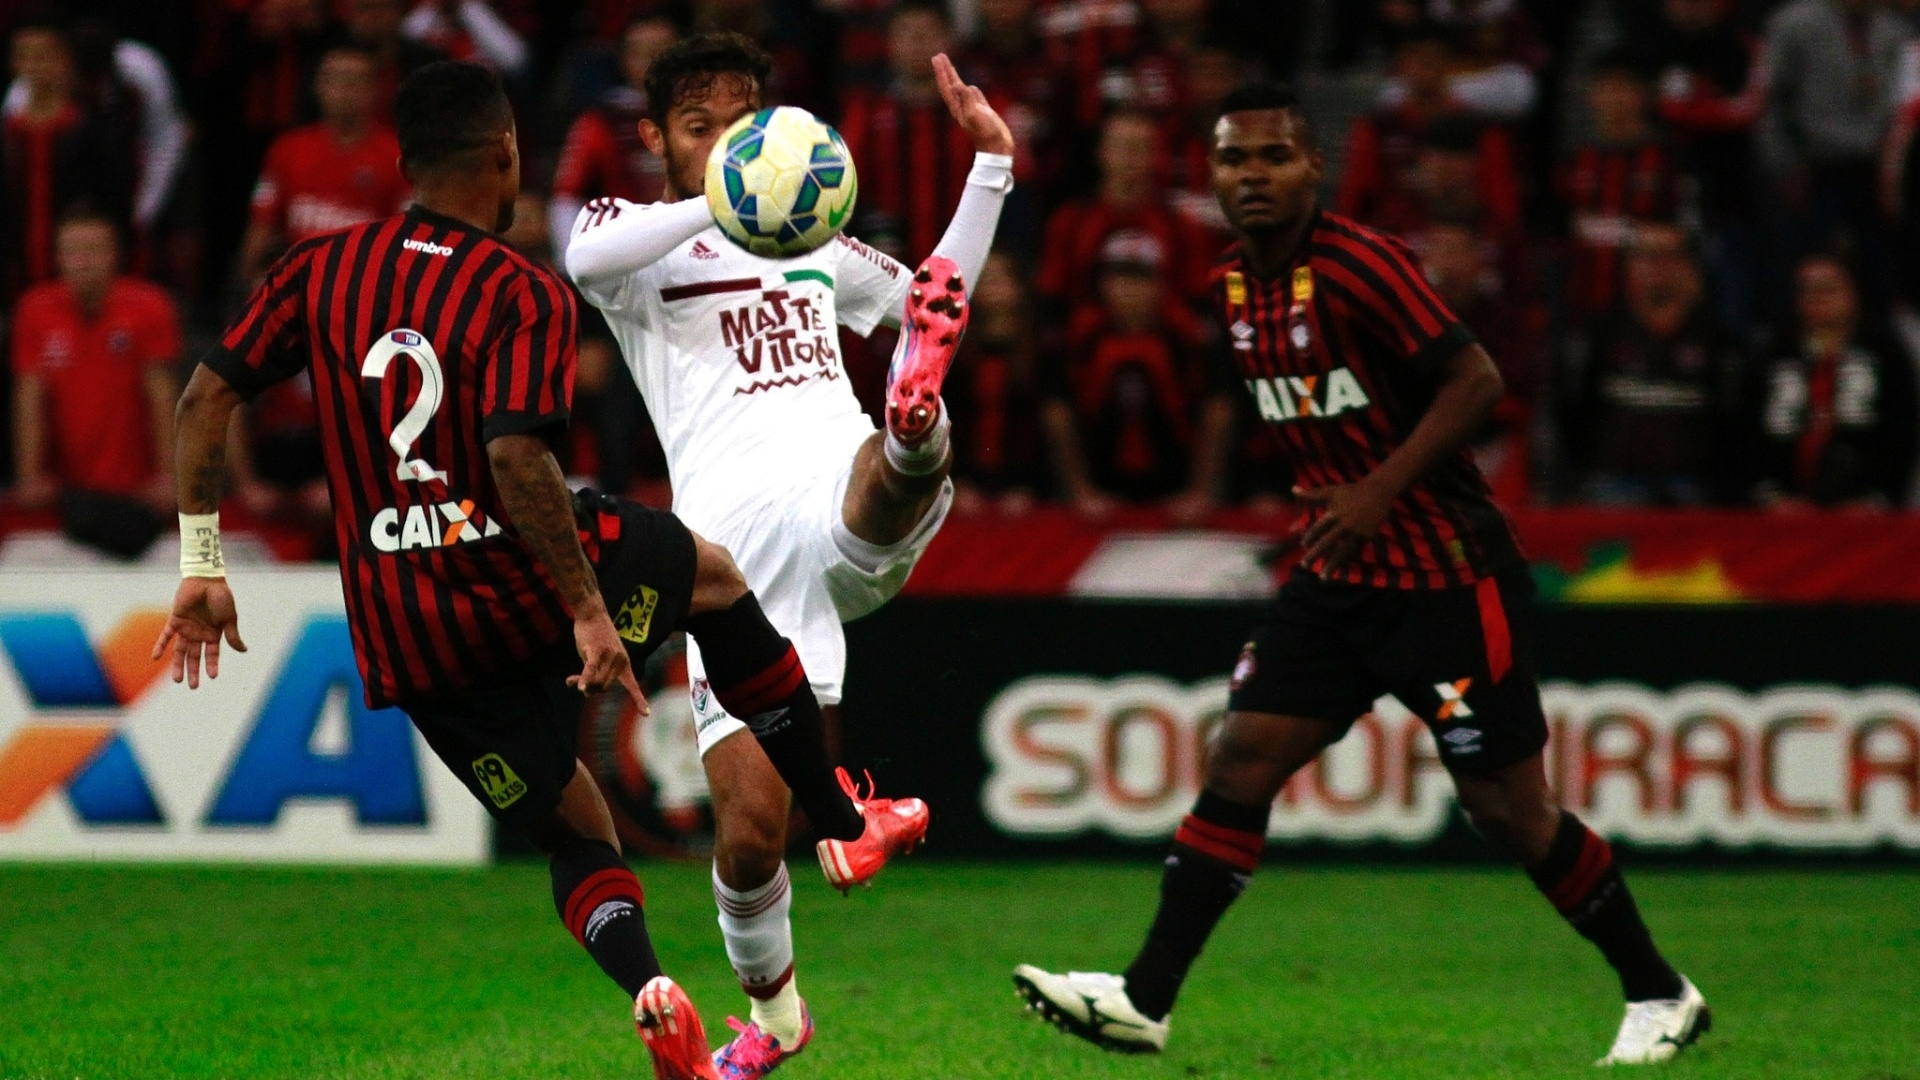 Gustavo Scarpa tenta ficar com a bola na partida do Fluminense contra o Atlético-PR